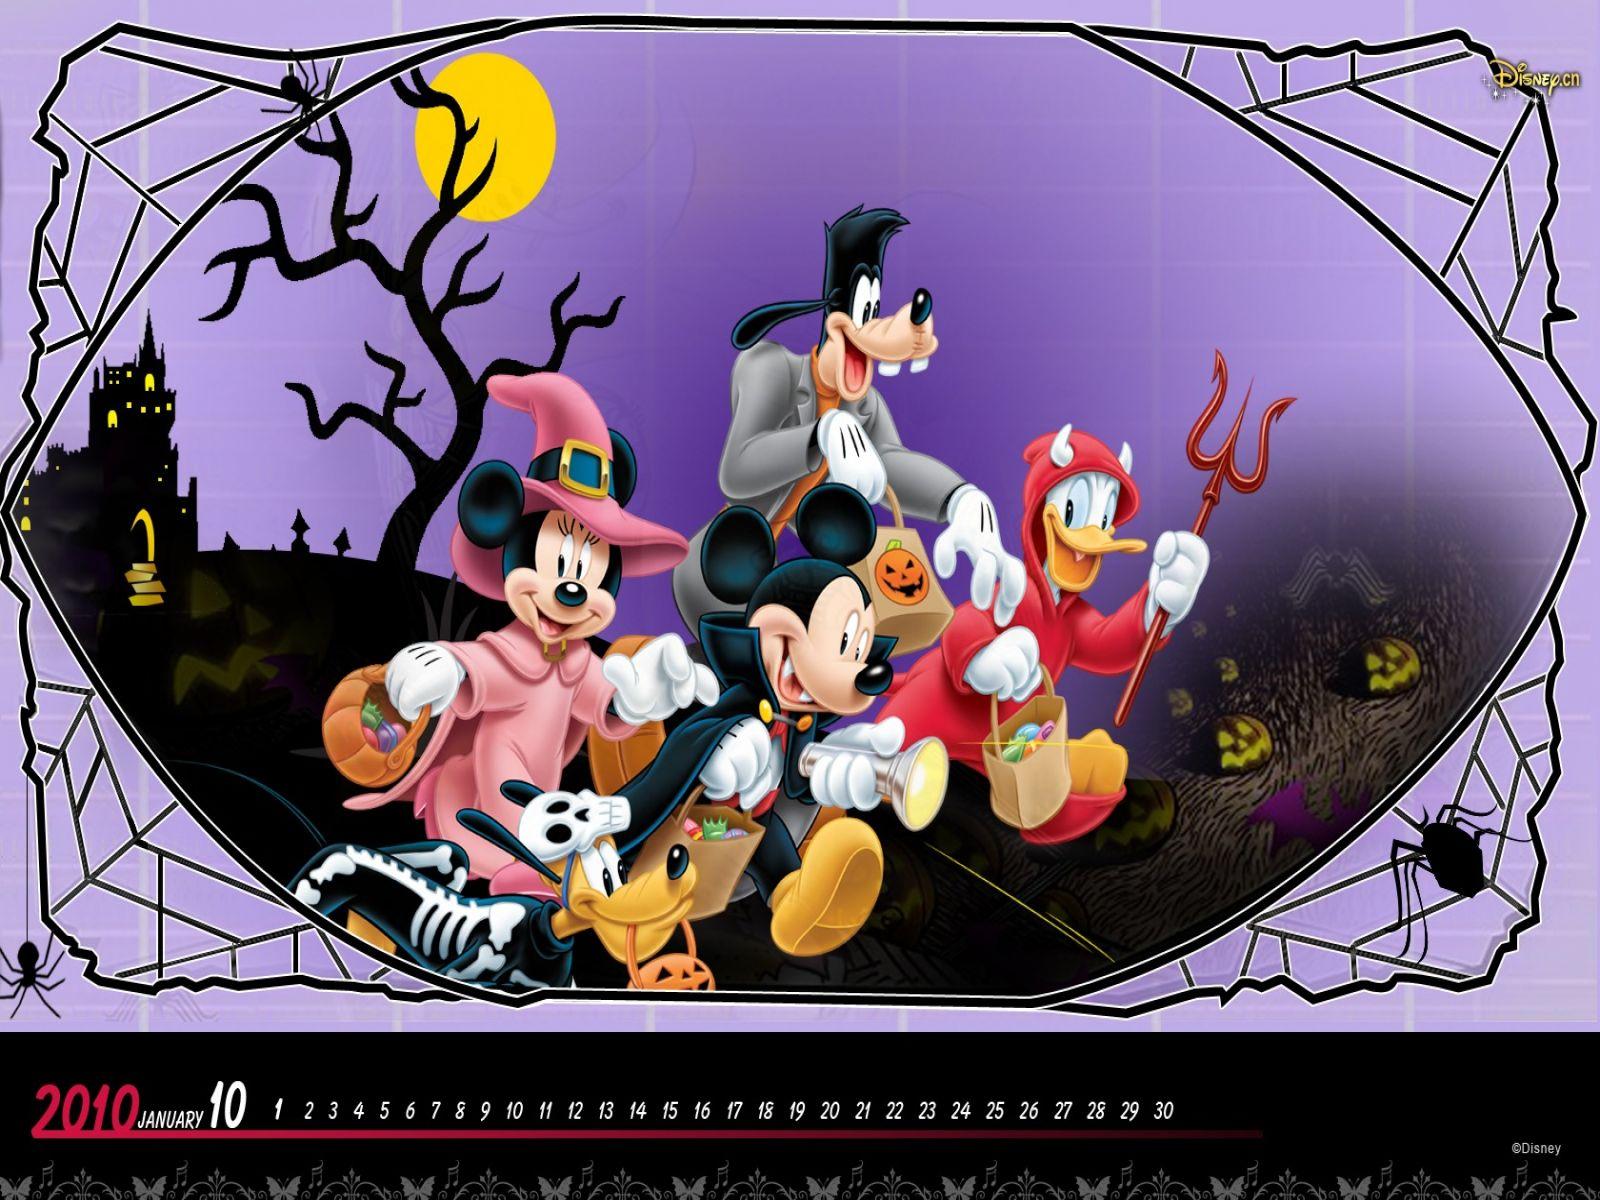 Disney Cartoon Wallpapers Desktop Wallpaper 1600x1200